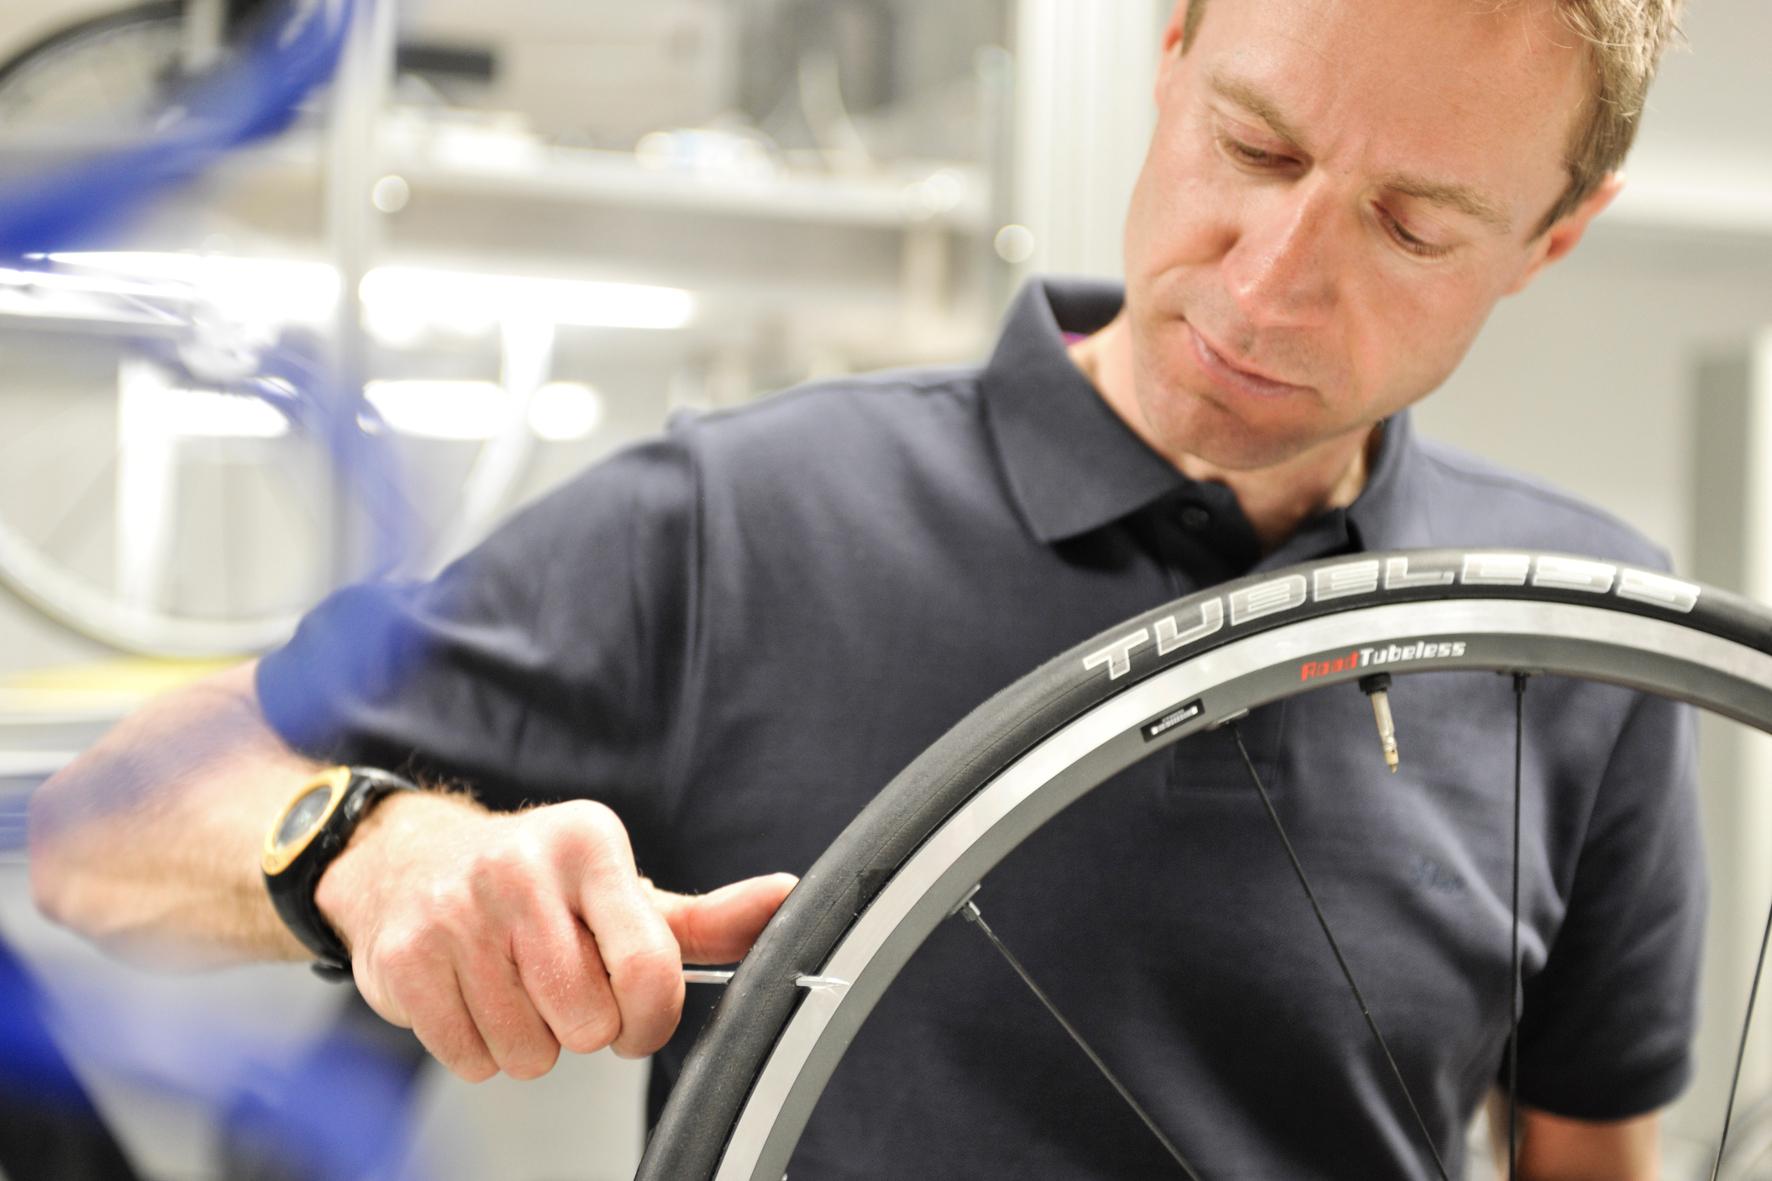 mid Groß-Gerau - Am liebsten ohne Schlauch: Tubeless-Reifen kommen beim Fahrrad schwer in Mode und bieten mehr Sicherheit vor Plattfüßen.